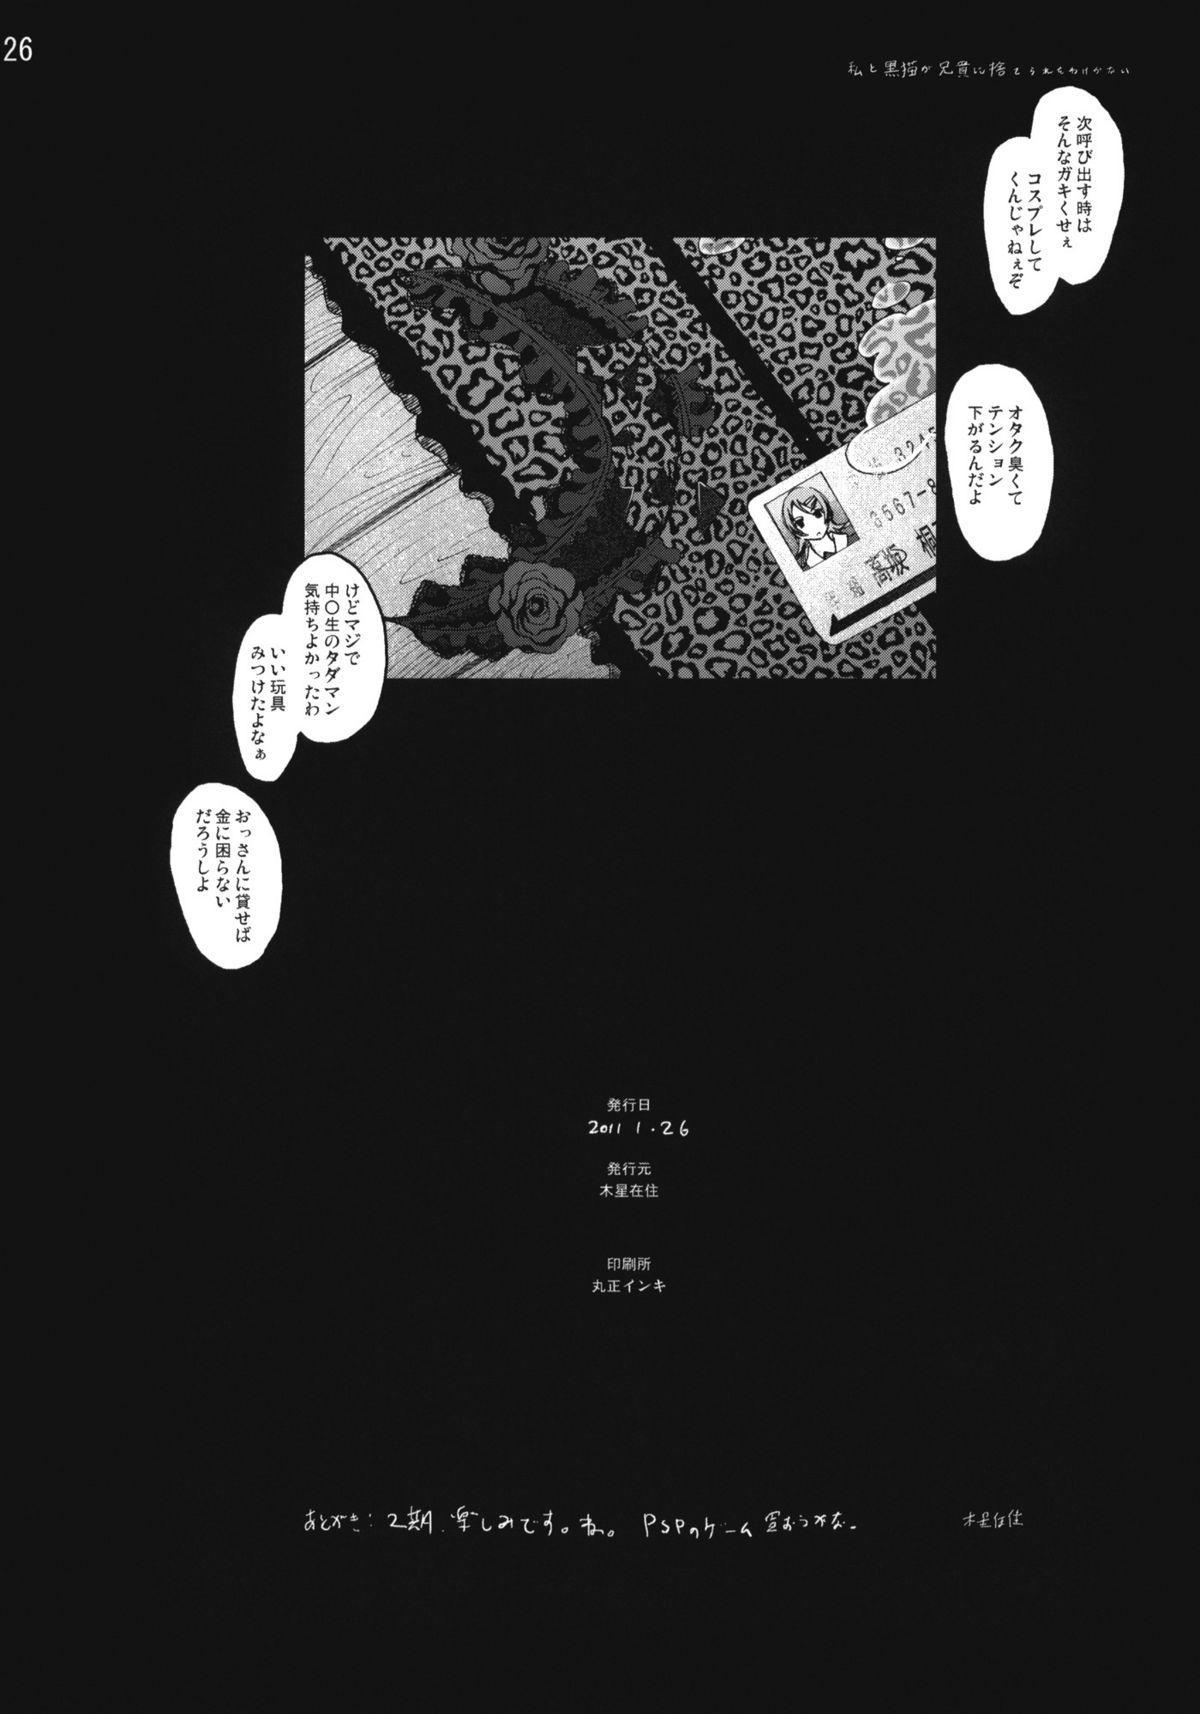 Kuroneko to Watashi ga Aniki ni Suterareta hazu ga Nai 24